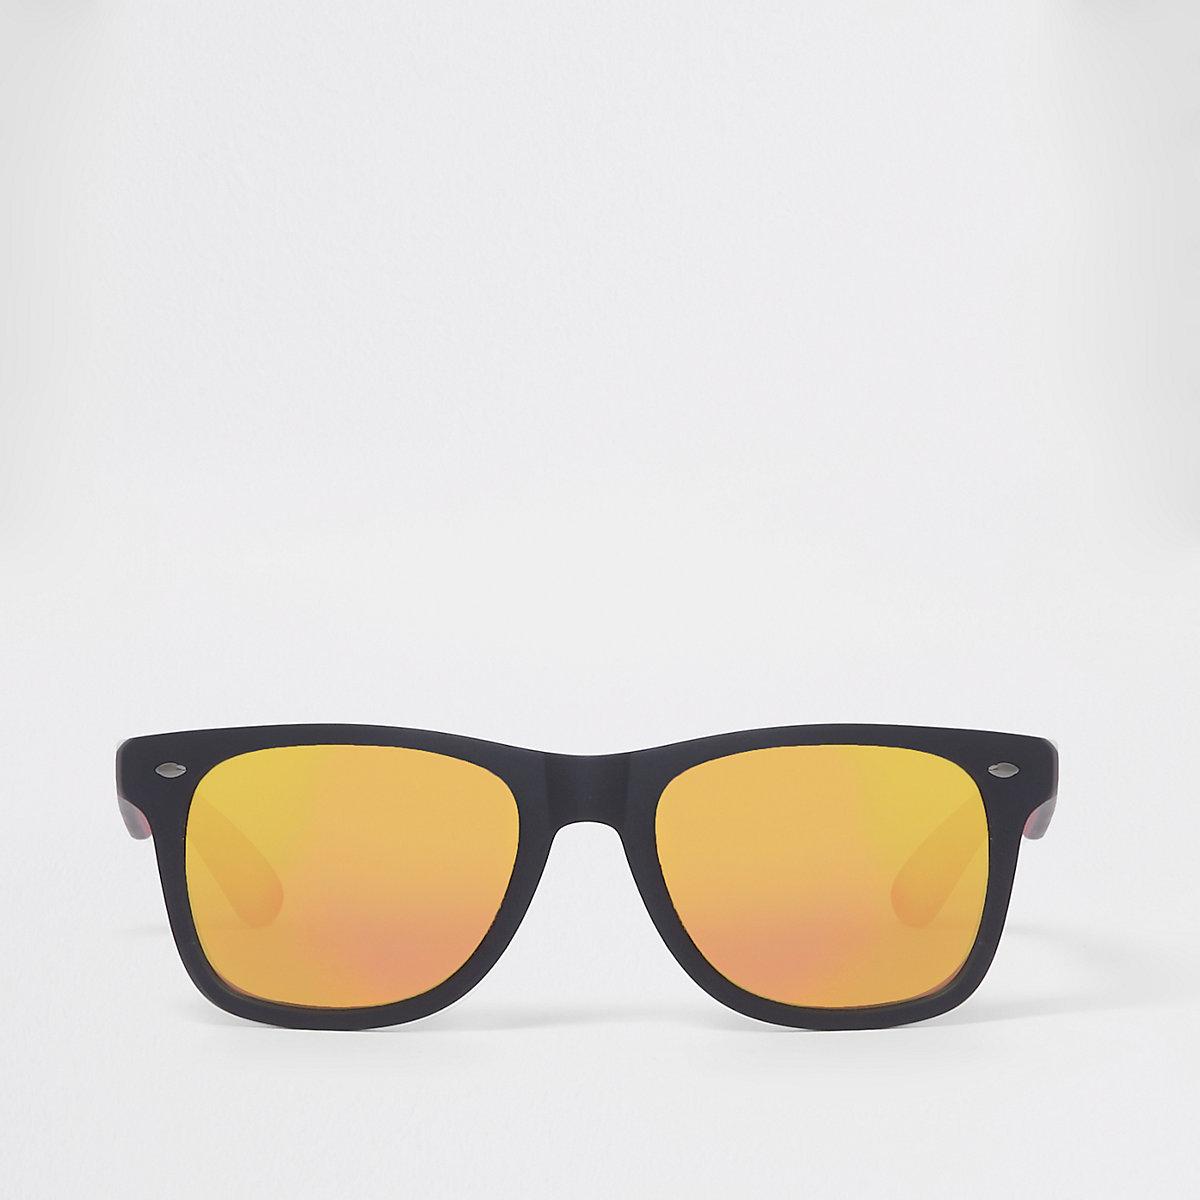 Zwarte rubberen retro zonnebril met rode spiegelglazen